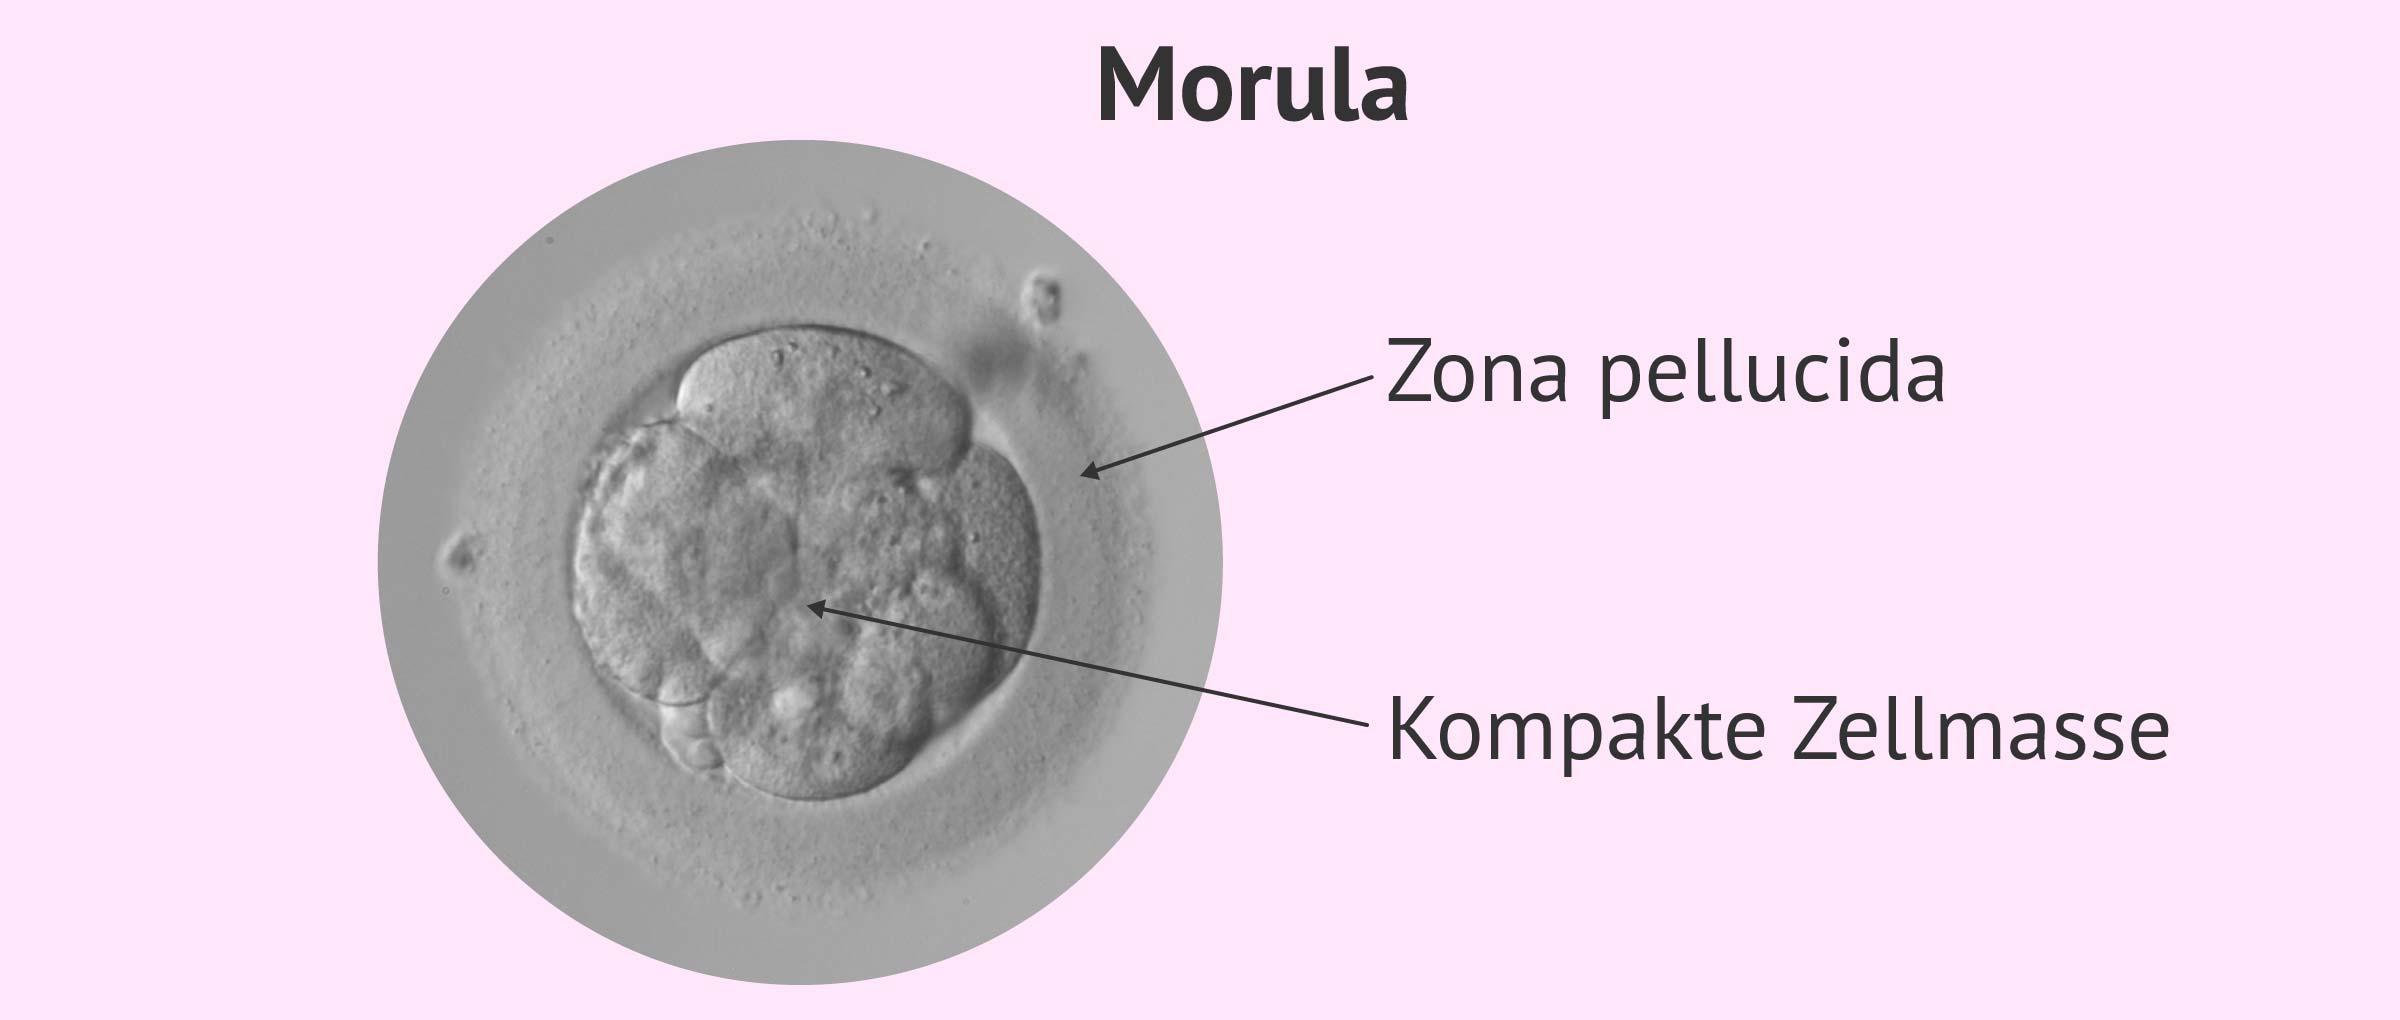 Struktur einer verdichteten Morula